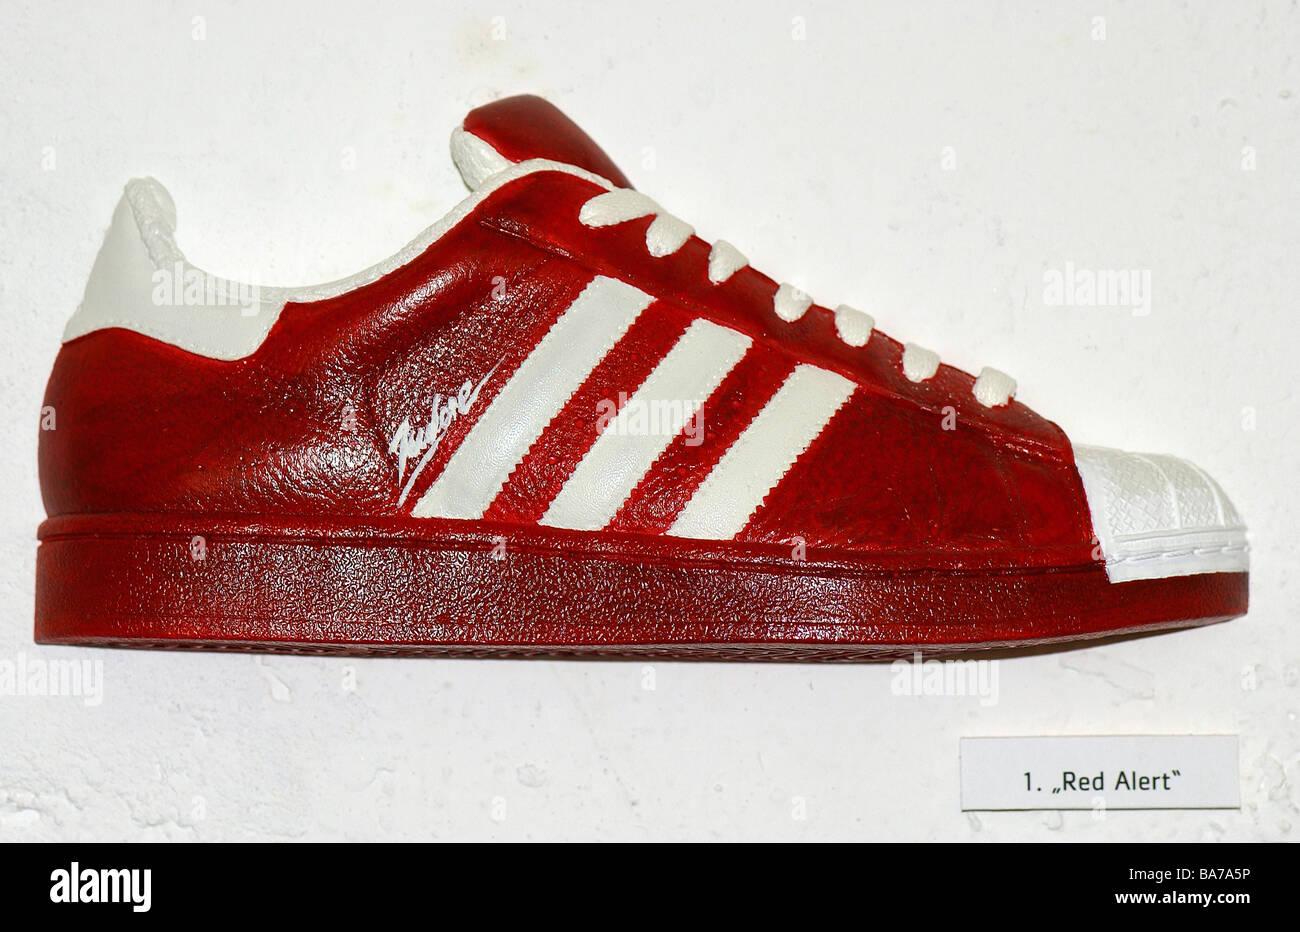 Al Roja Modelos Zapatillas Hay Adidas Lado No Zapatilla De Sabe iOXZTPuk